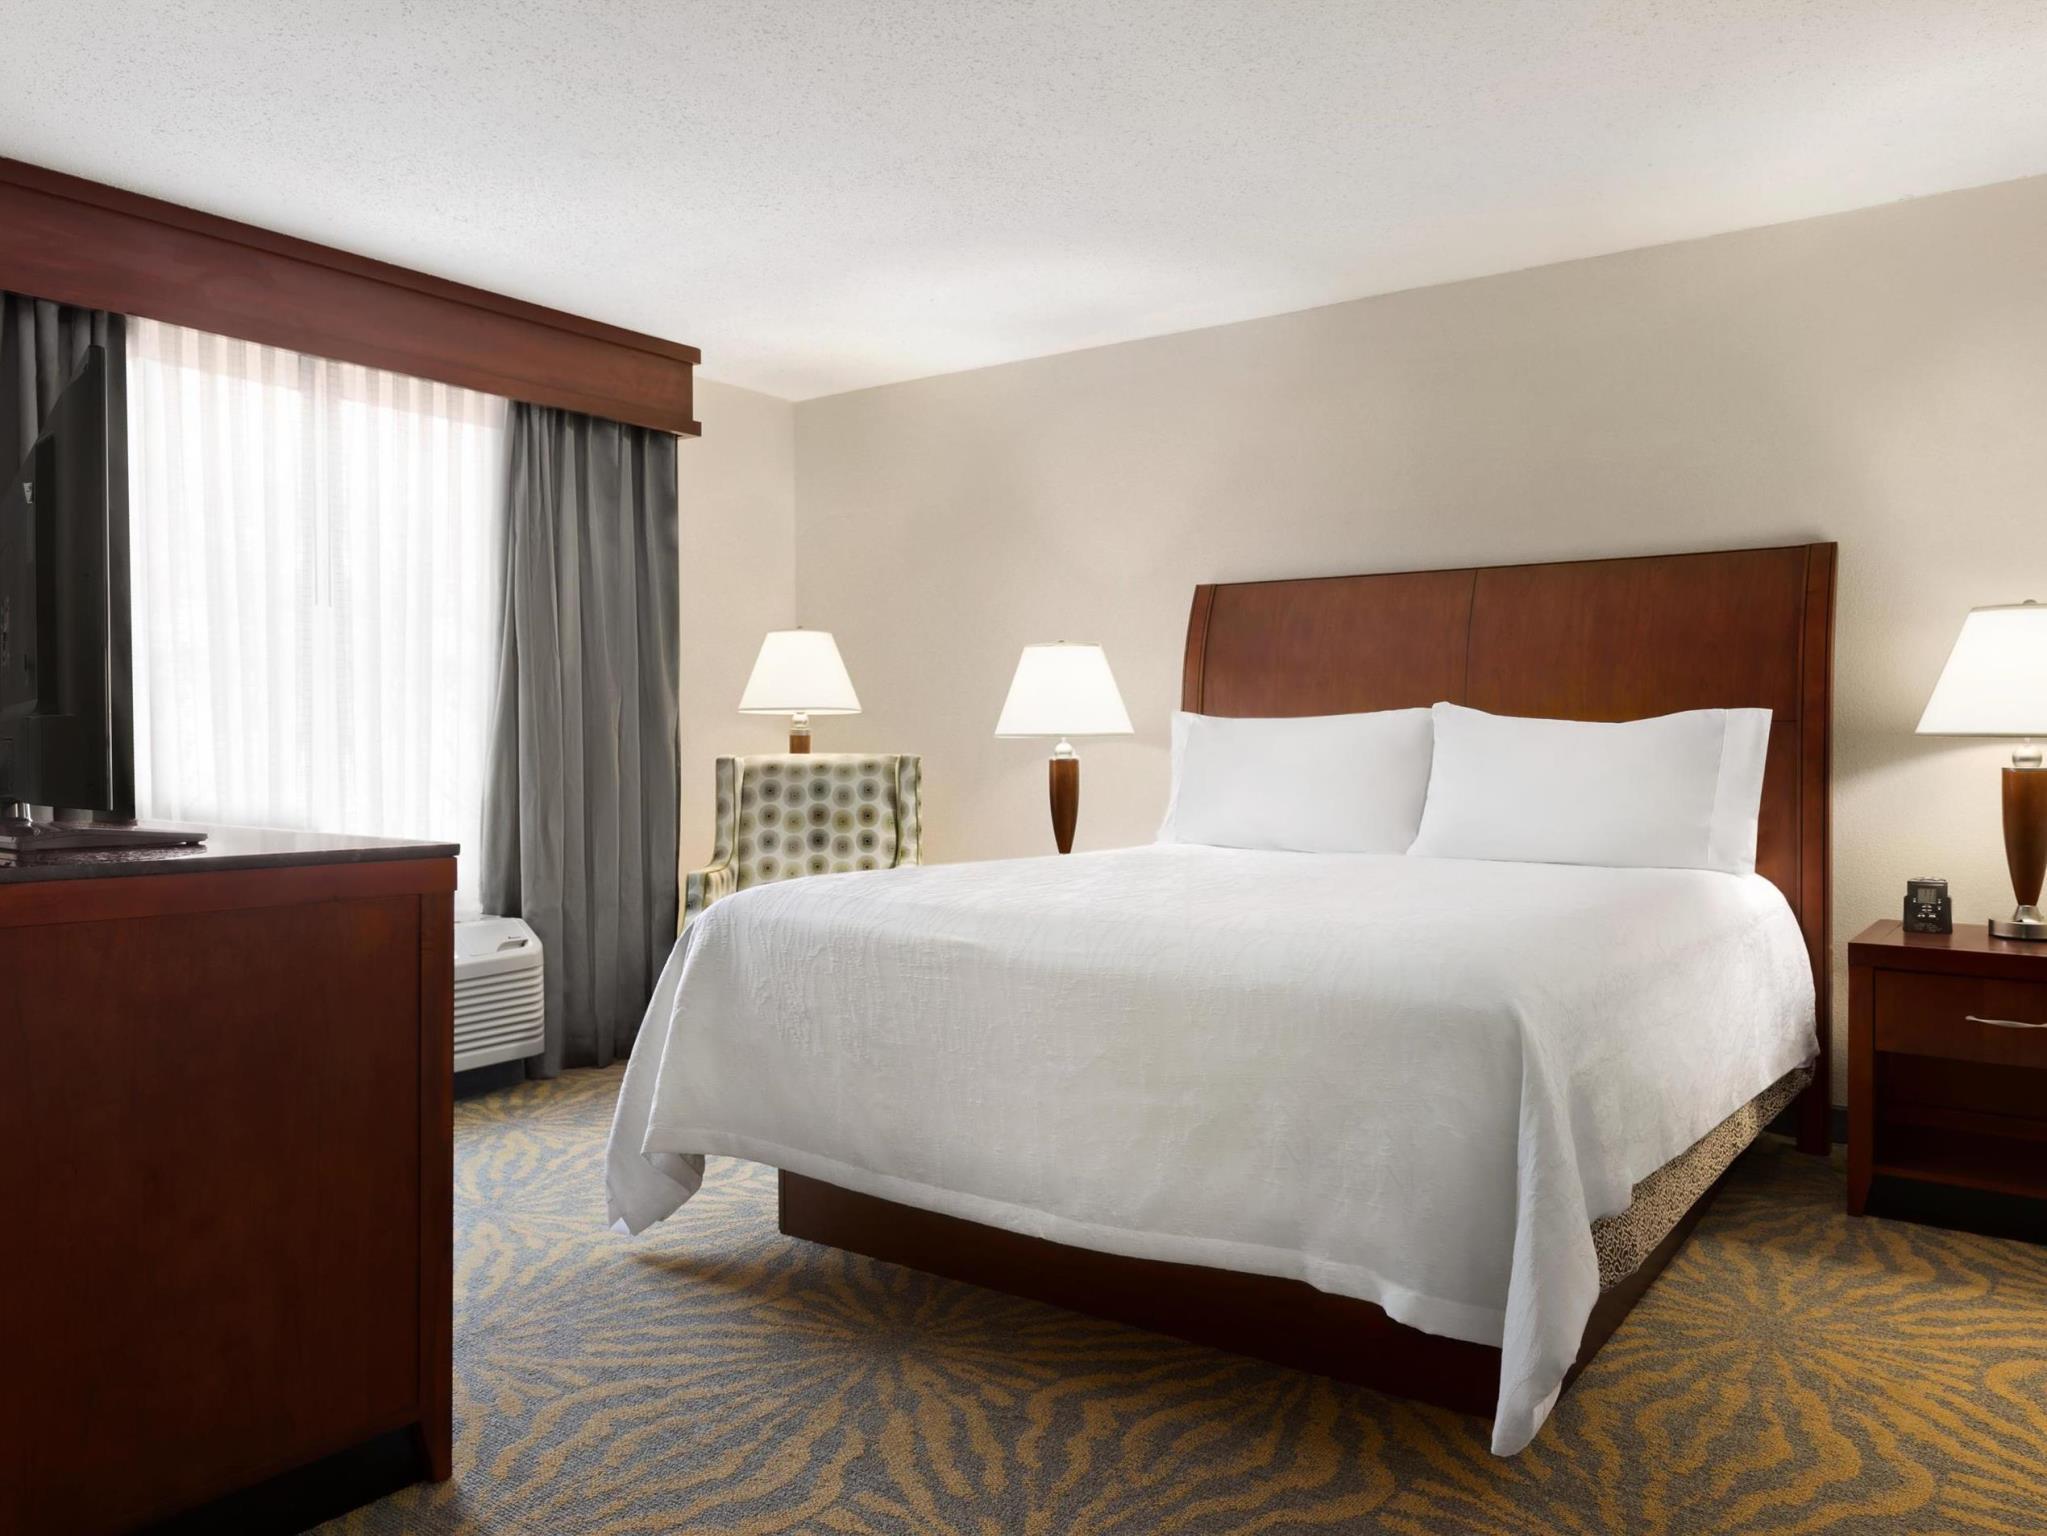 1 king 1 bedroom whirlpool suite - Hilton Garden Inn Shelton Ct